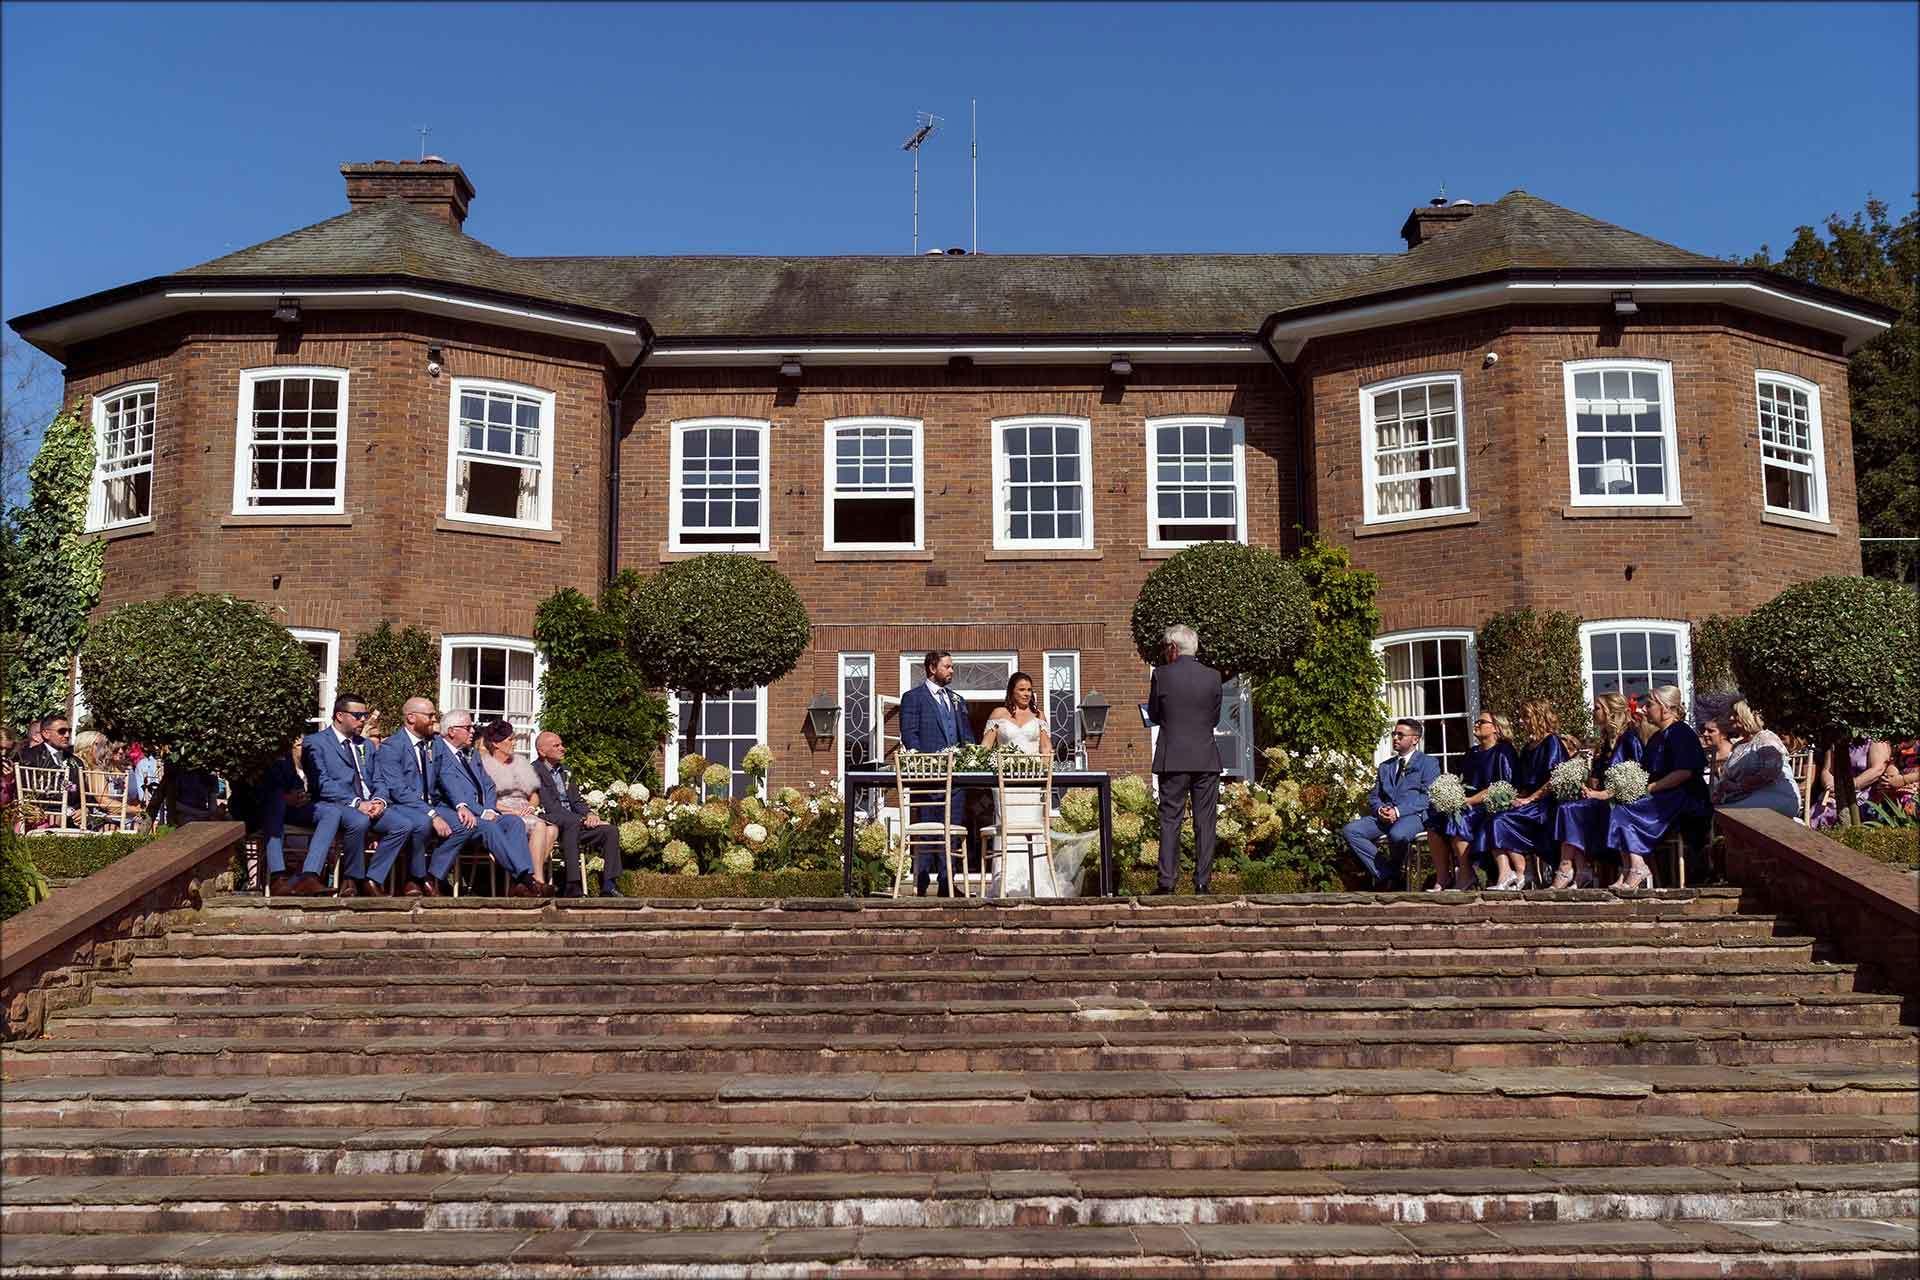 Delamere Manor outdoor wedding ceremony